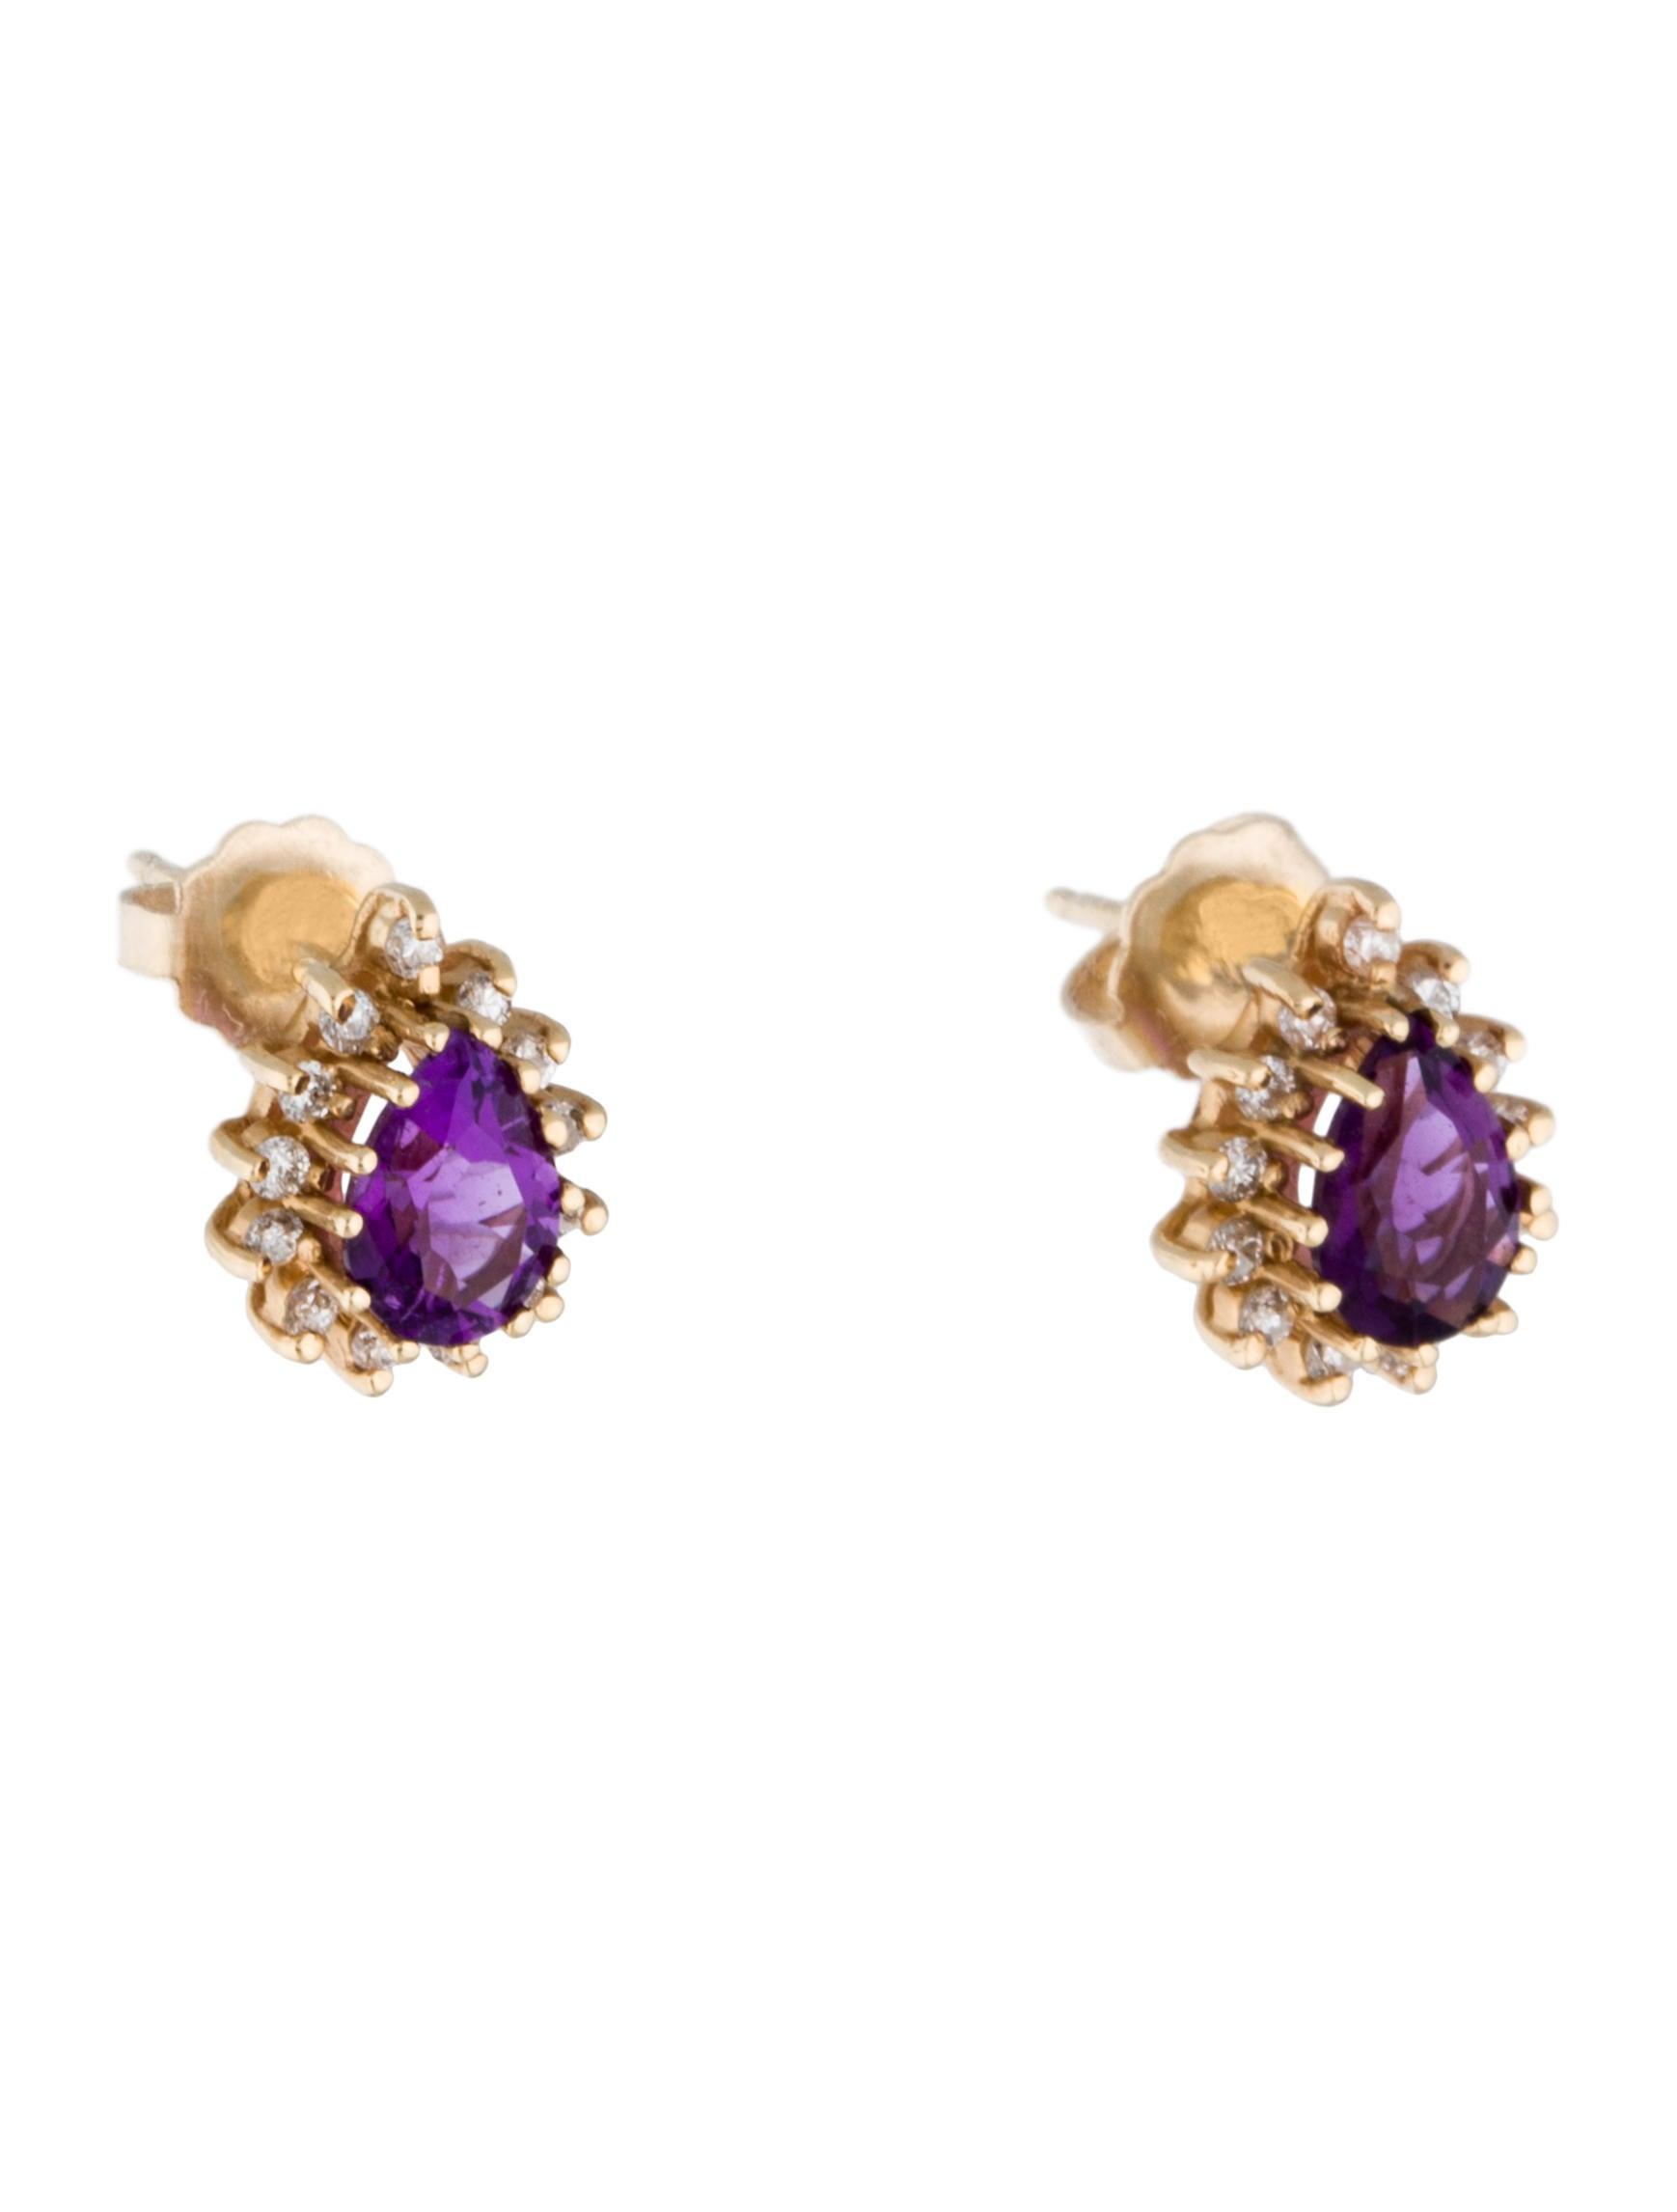 14k amethyst amp diamond stud earrings earrings fje30338